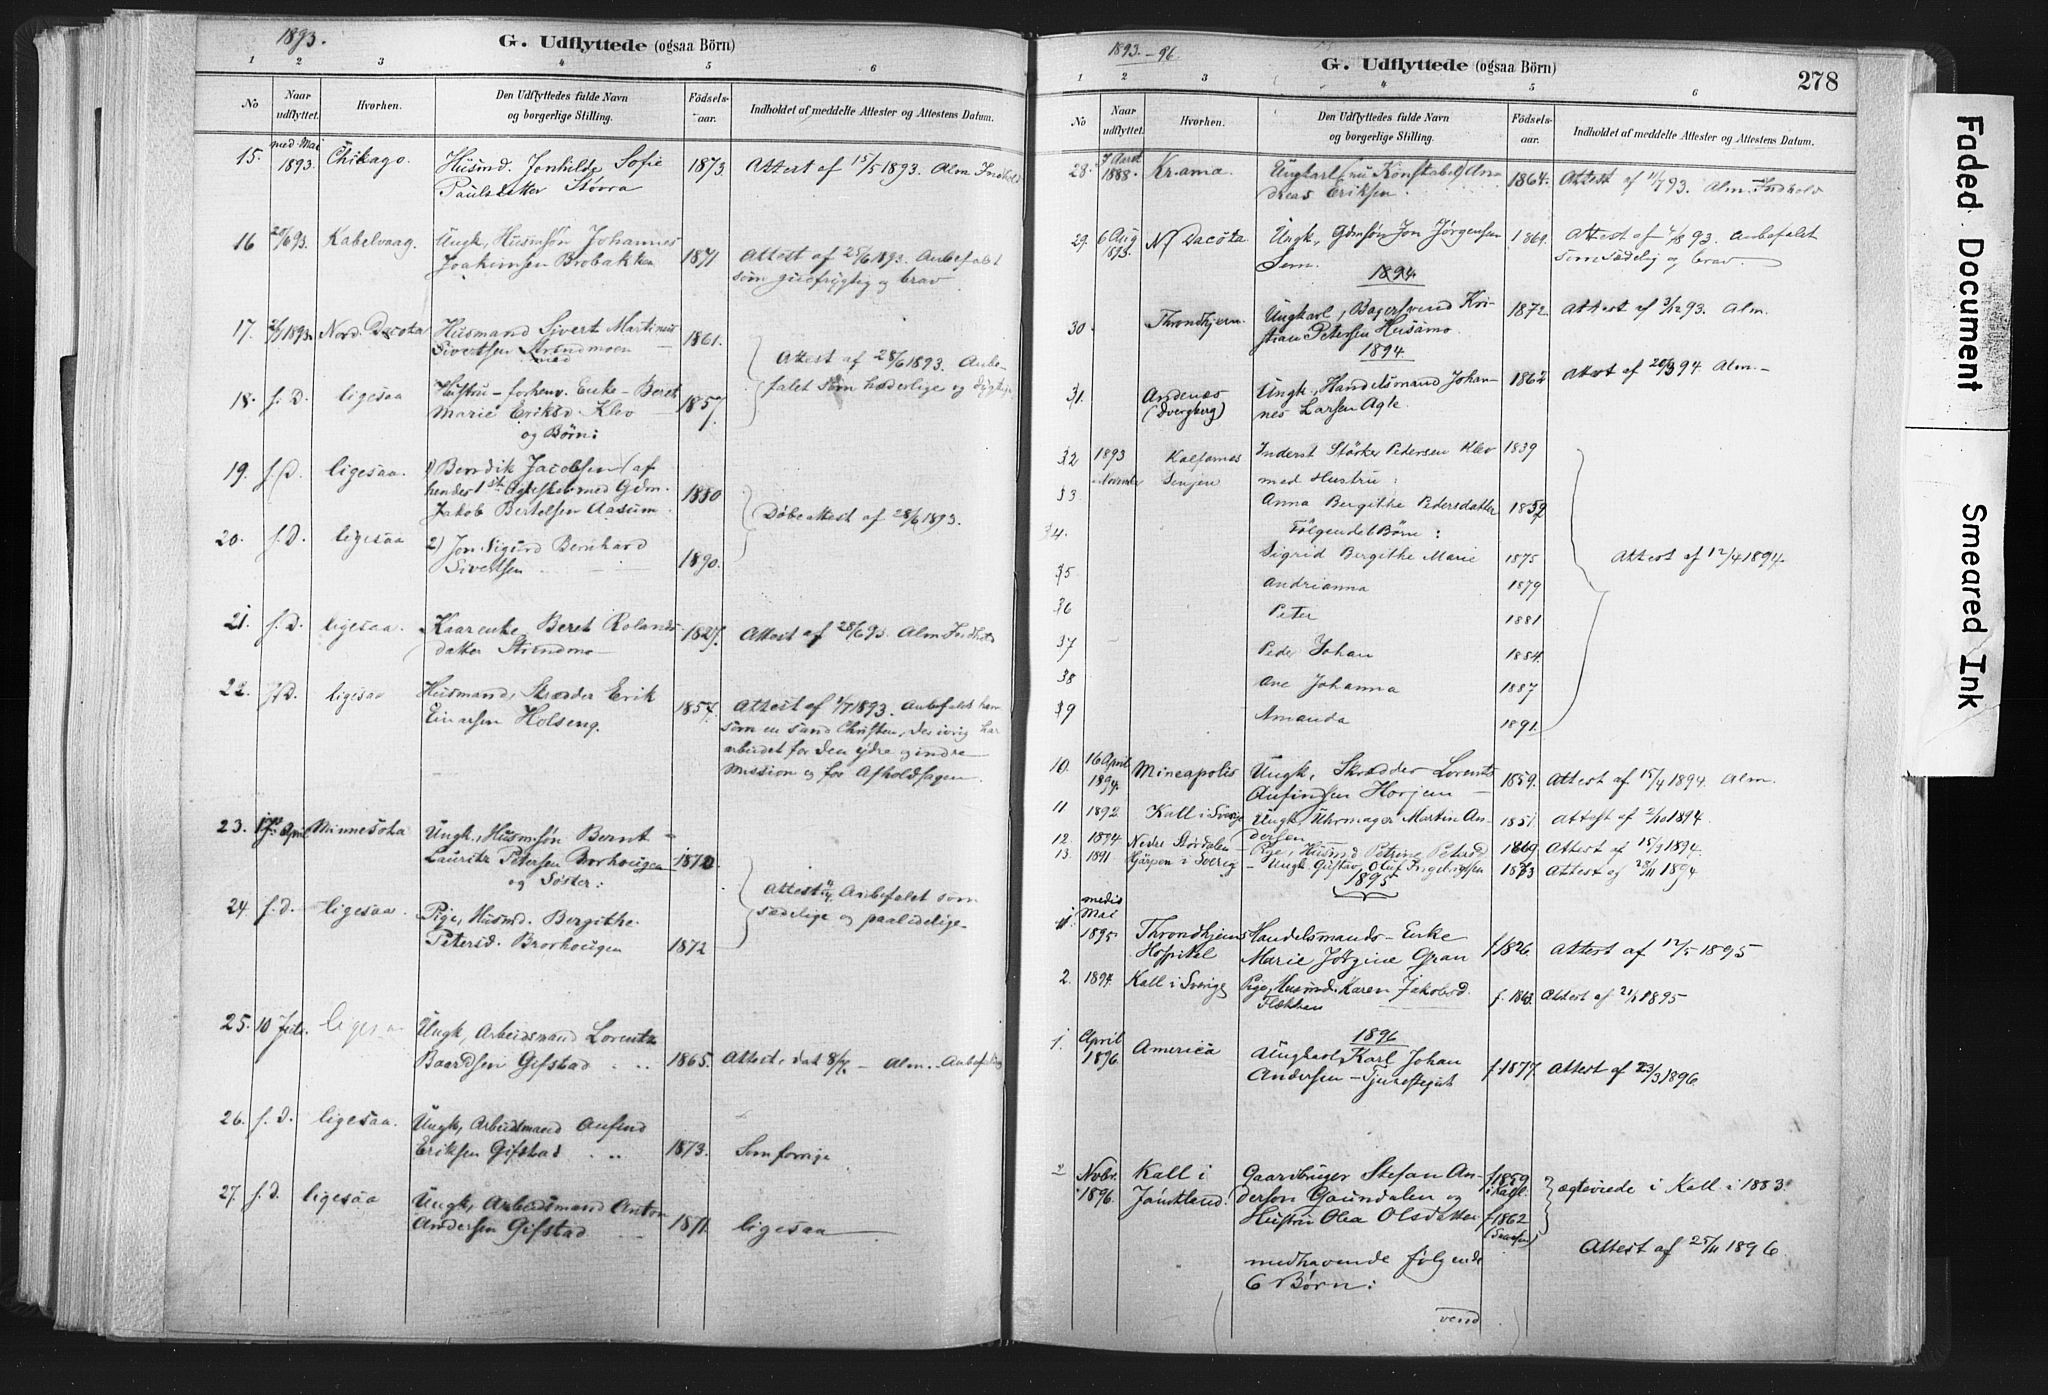 SAT, Ministerialprotokoller, klokkerbøker og fødselsregistre - Nord-Trøndelag, 749/L0474: Ministerialbok nr. 749A08, 1887-1903, s. 278